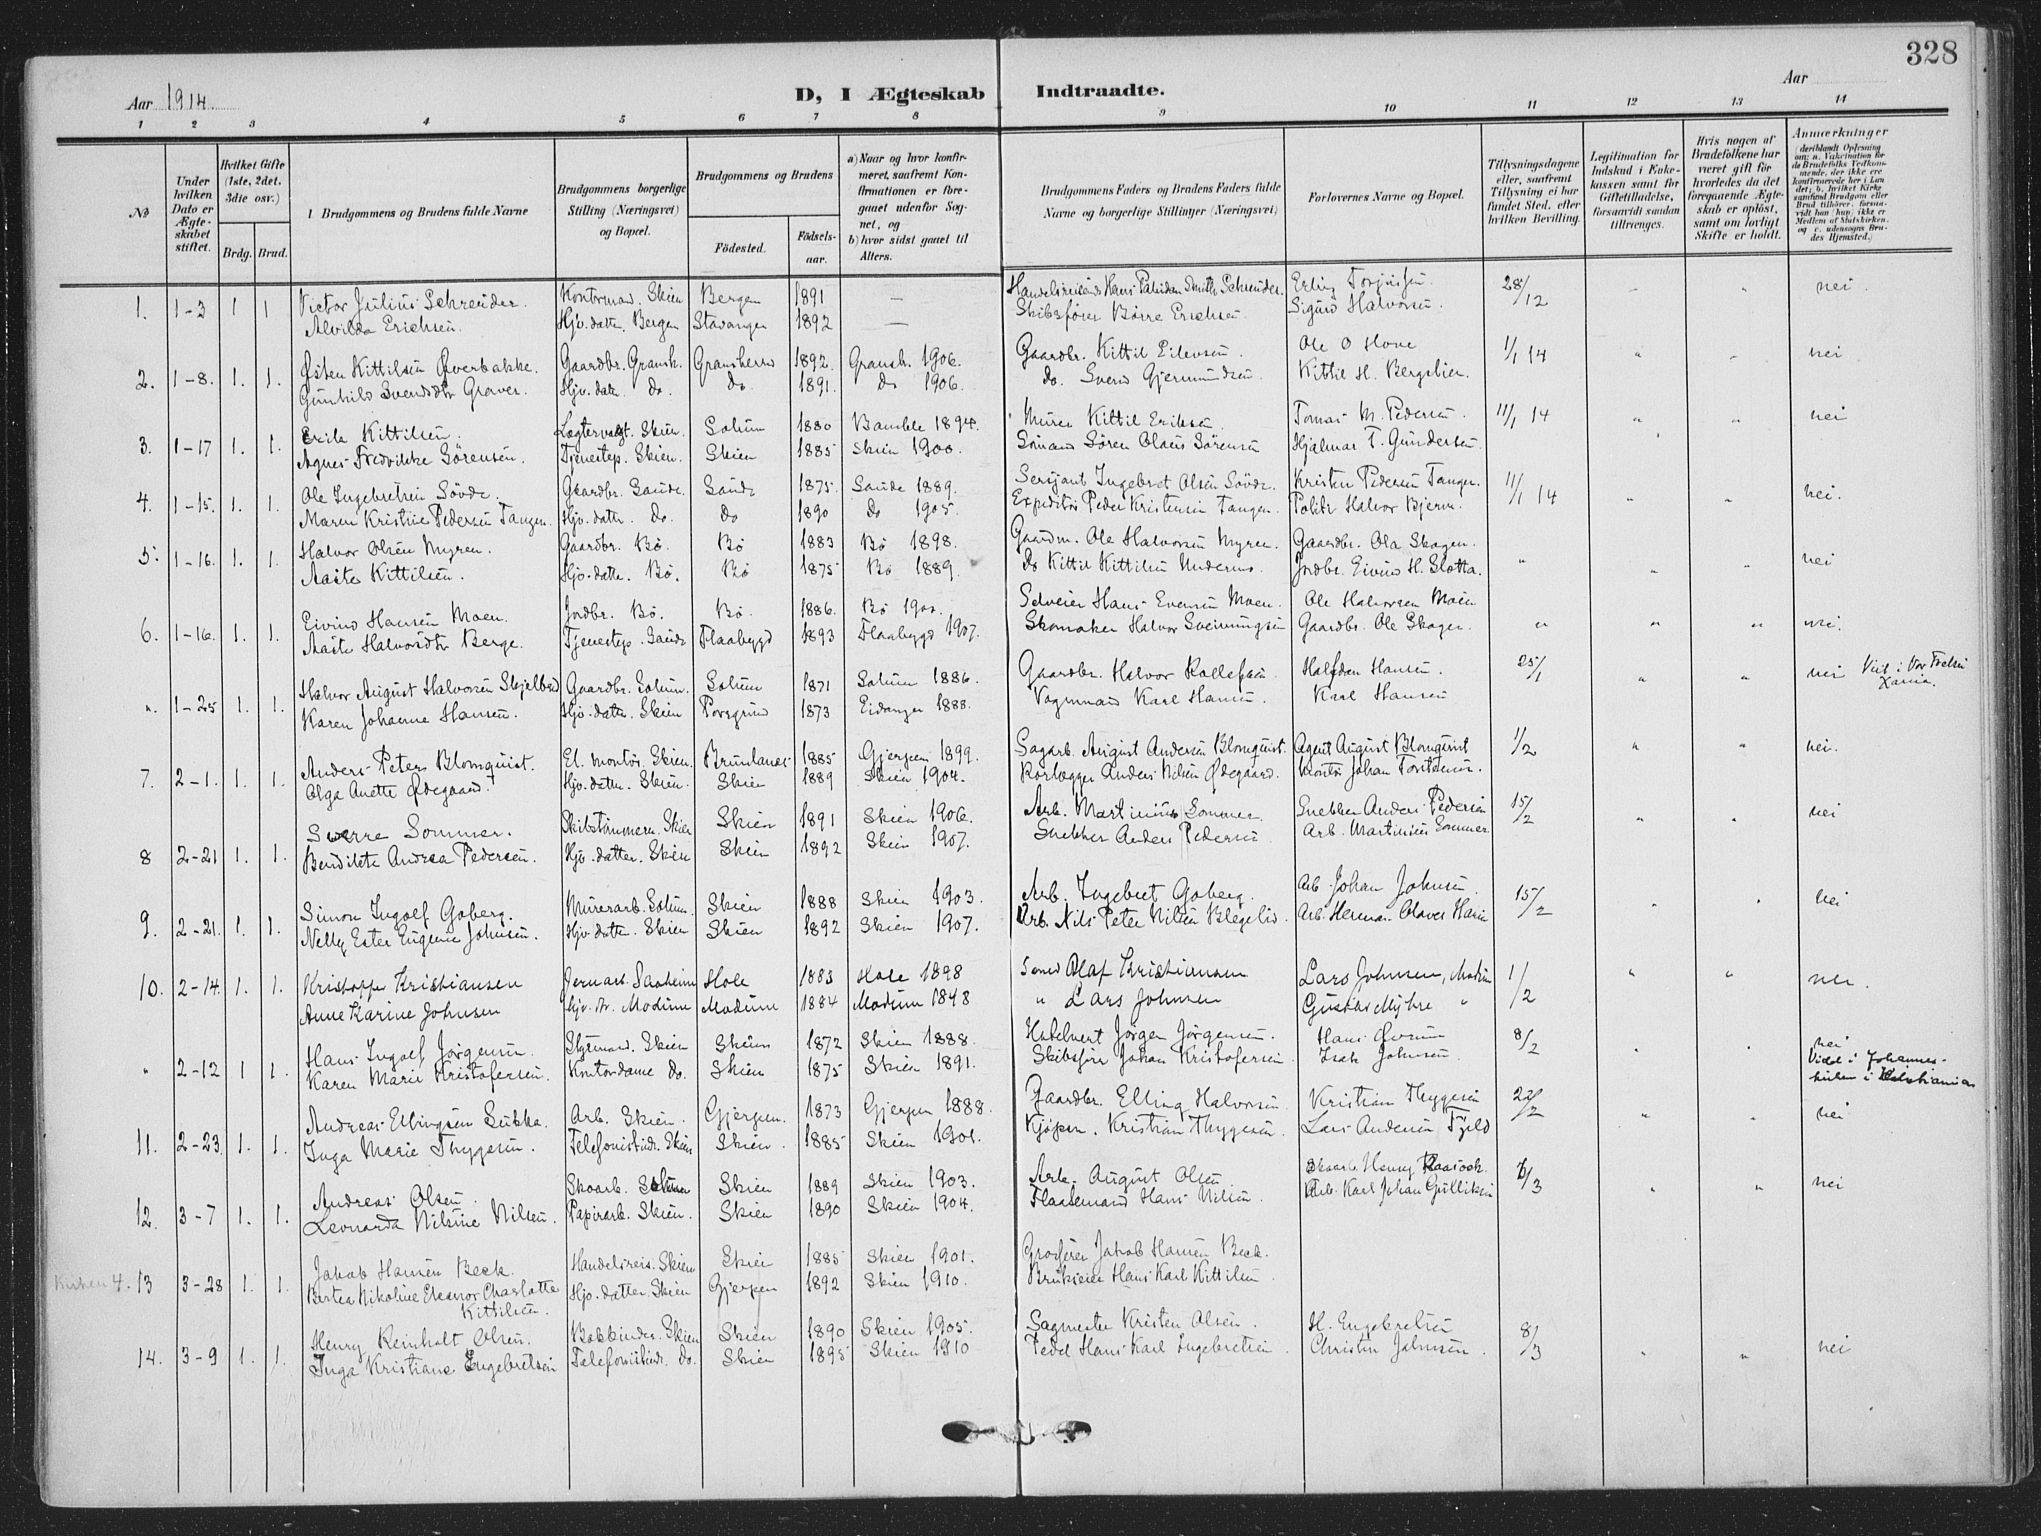 SAKO, Skien kirkebøker, F/Fa/L0012: Ministerialbok nr. 12, 1908-1914, s. 328